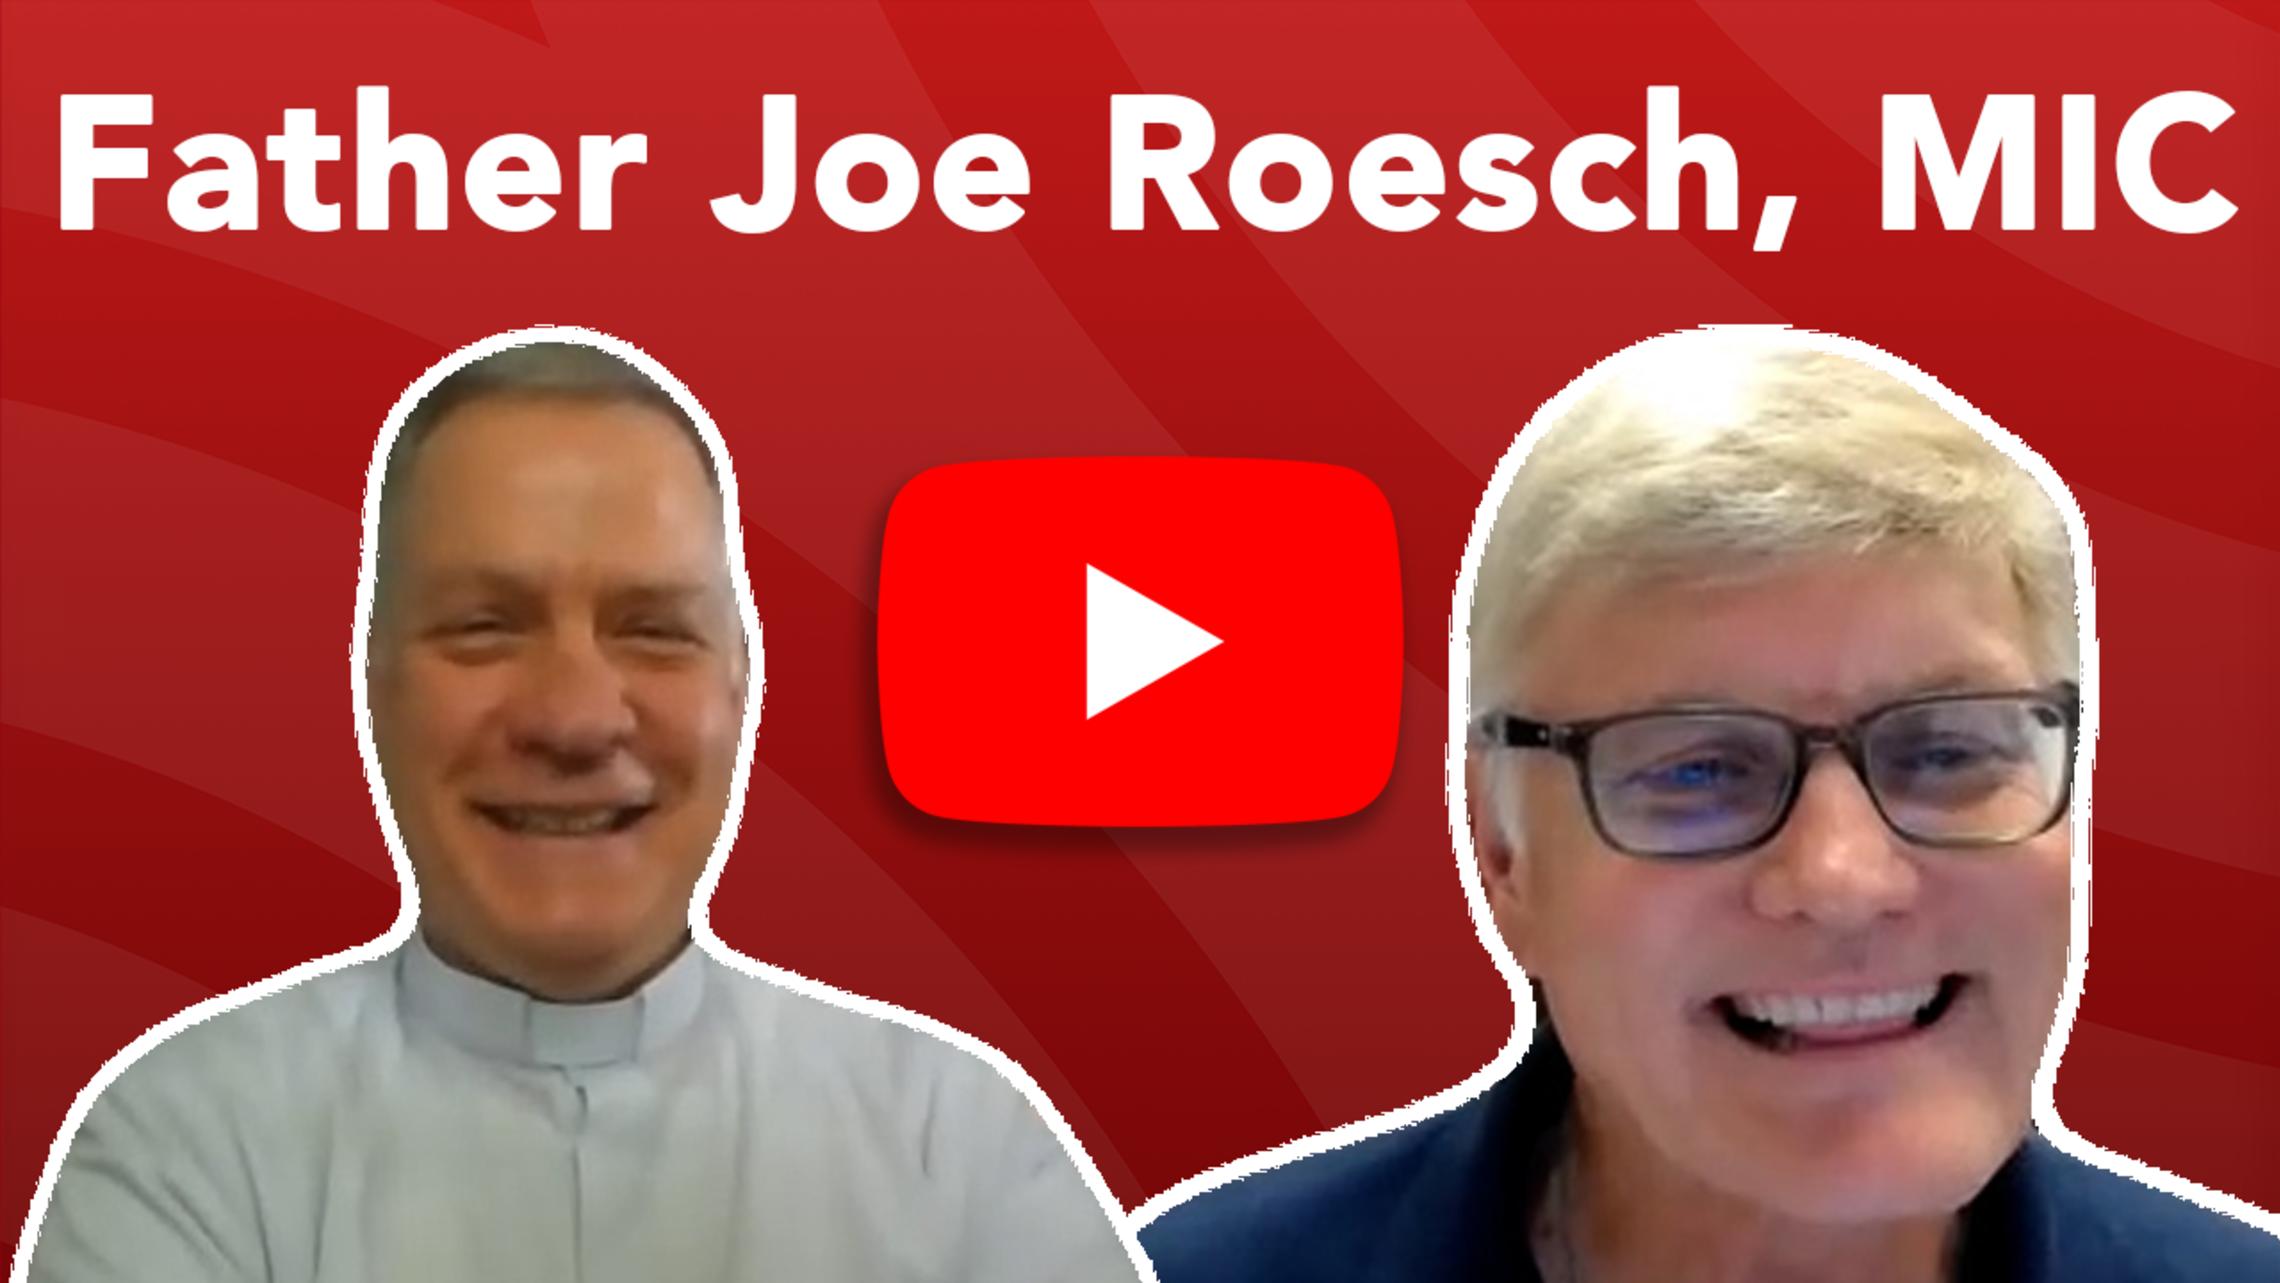 Father Joe Roesch Mic Tn Website